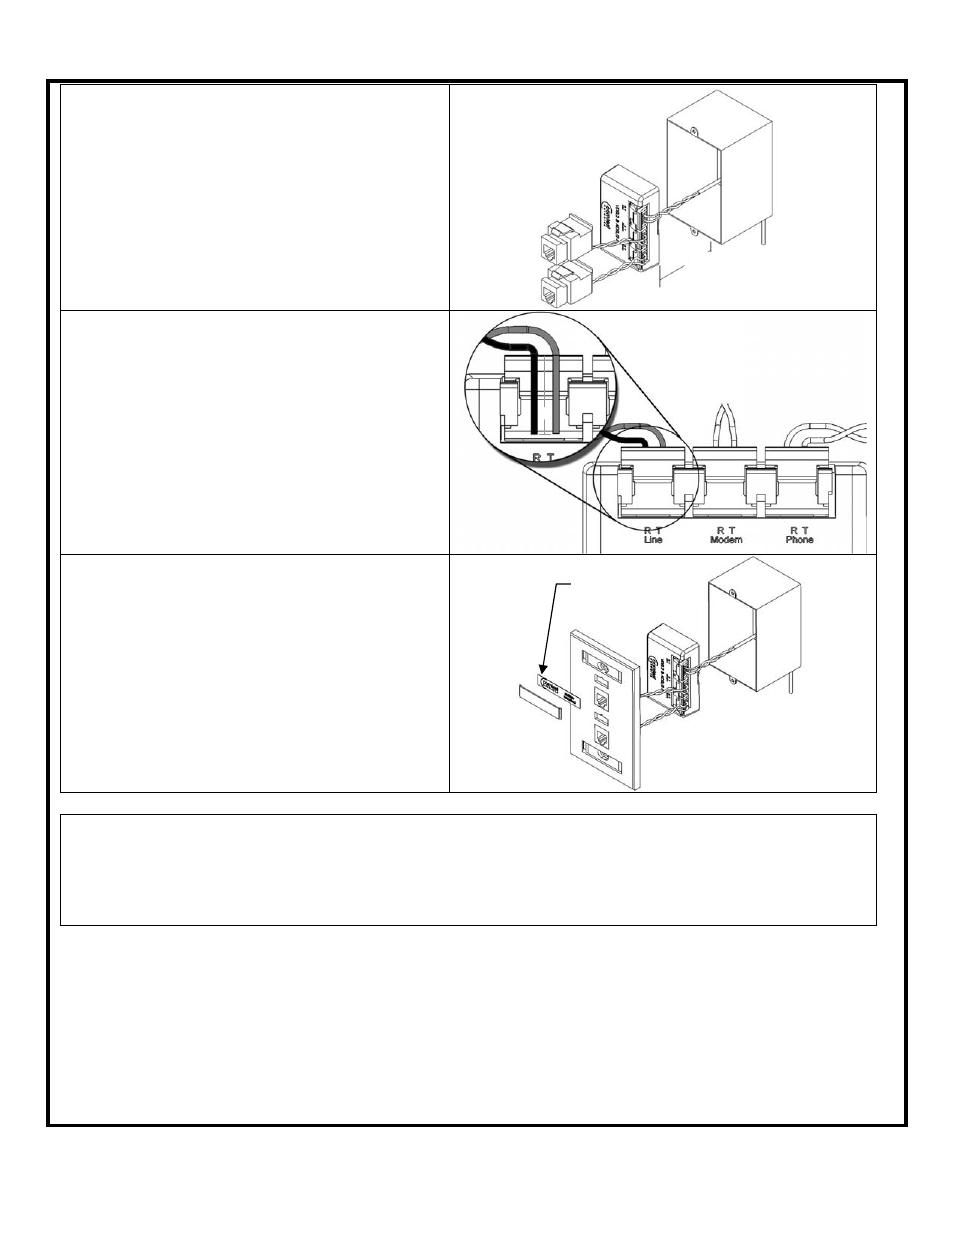 Comtest Networks Nid 01v Pots Splitter Datajack User Manual Page 2 Wiring Diagram